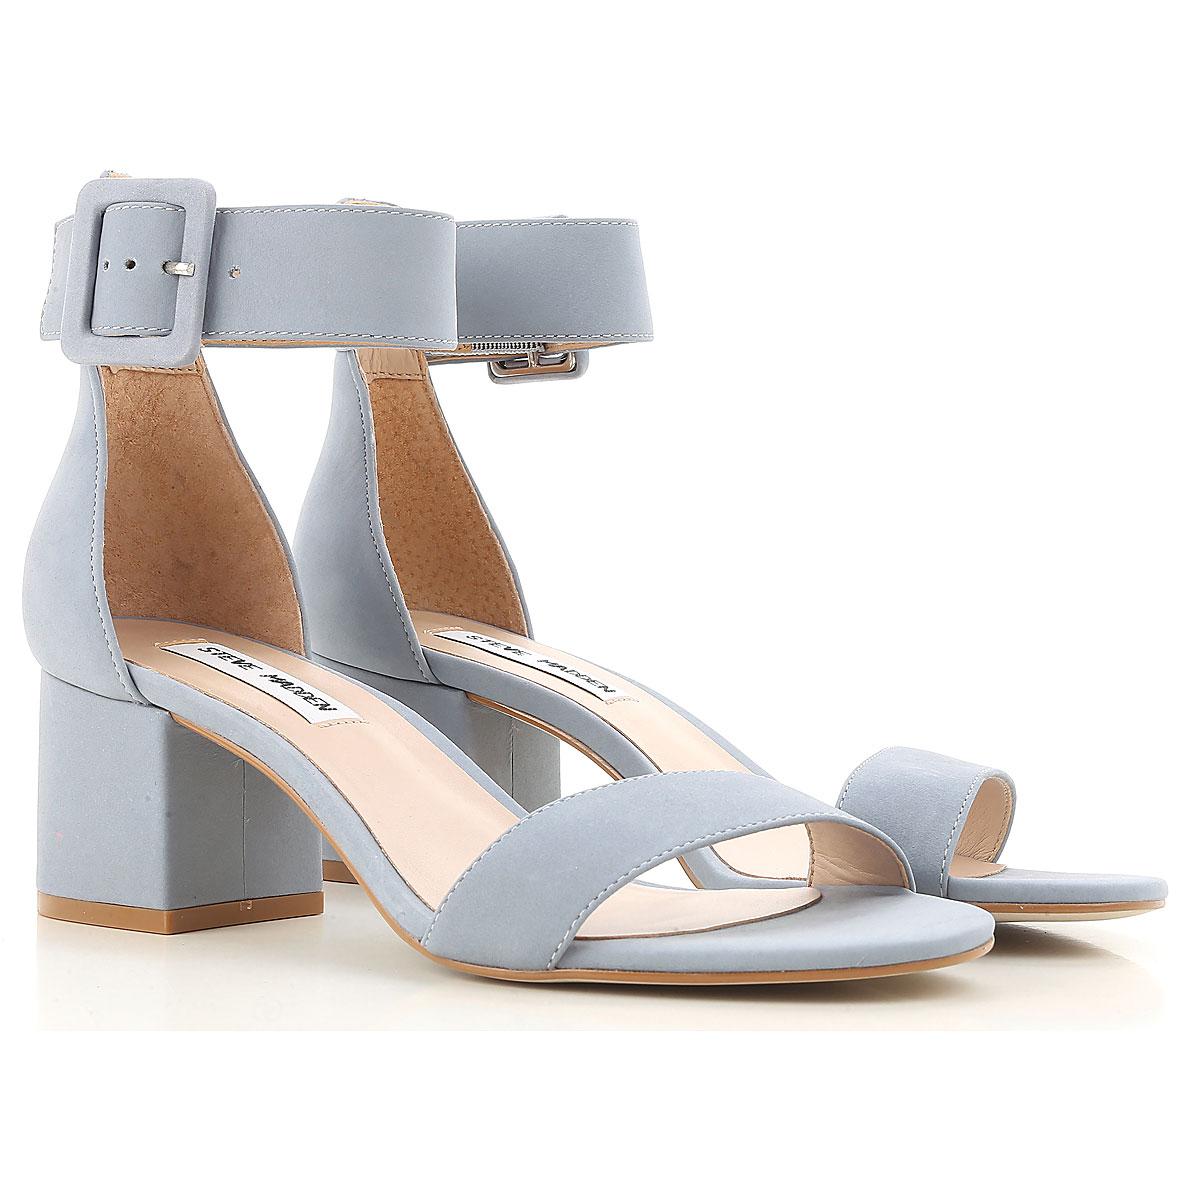 2019 Pierre Cardin yeni sandalet ayakkabı modelleri